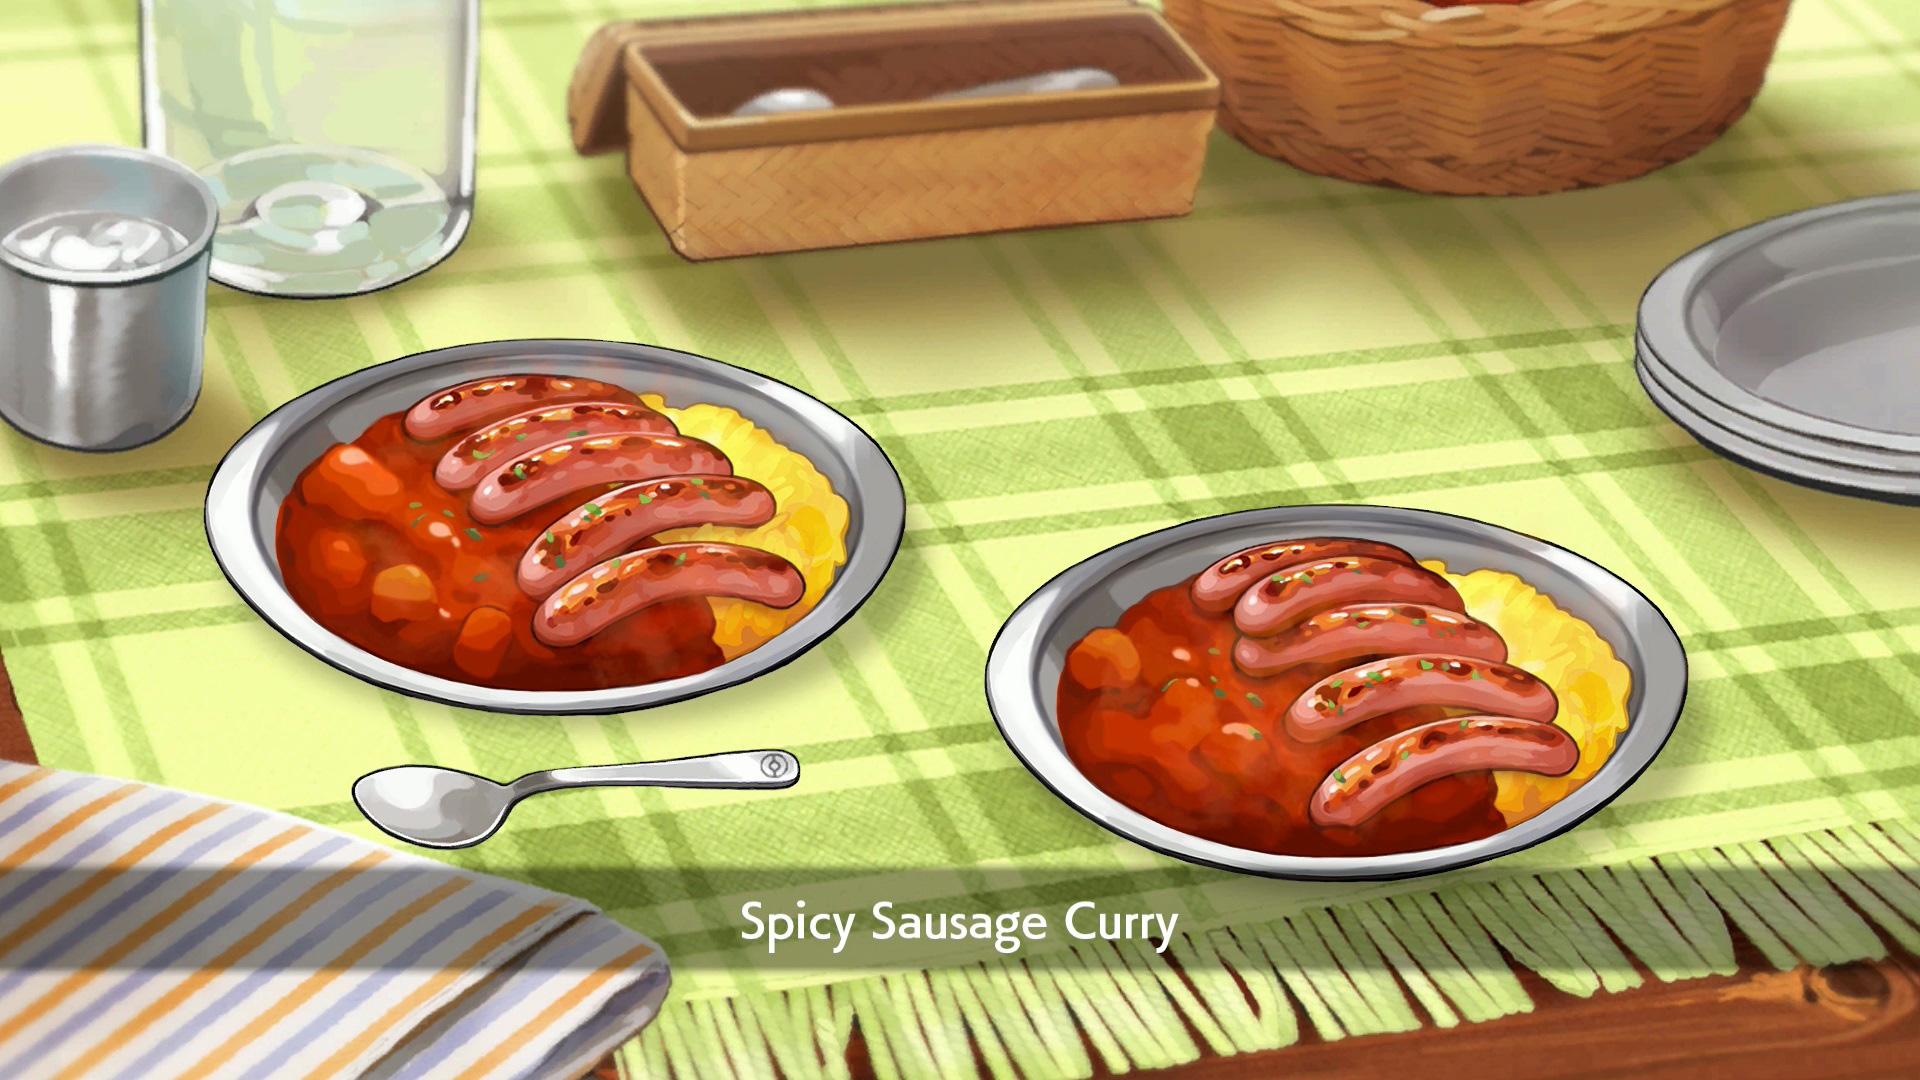 Die Kochfunktion ermöglicht unter anderem die Zubereitung von Curry-Würstchen. Nur: Woraus bestehen die eigentlich? Doch nicht etwas aus niedlichen Pokémon, die dafür beim Schlachter gelandet sind?